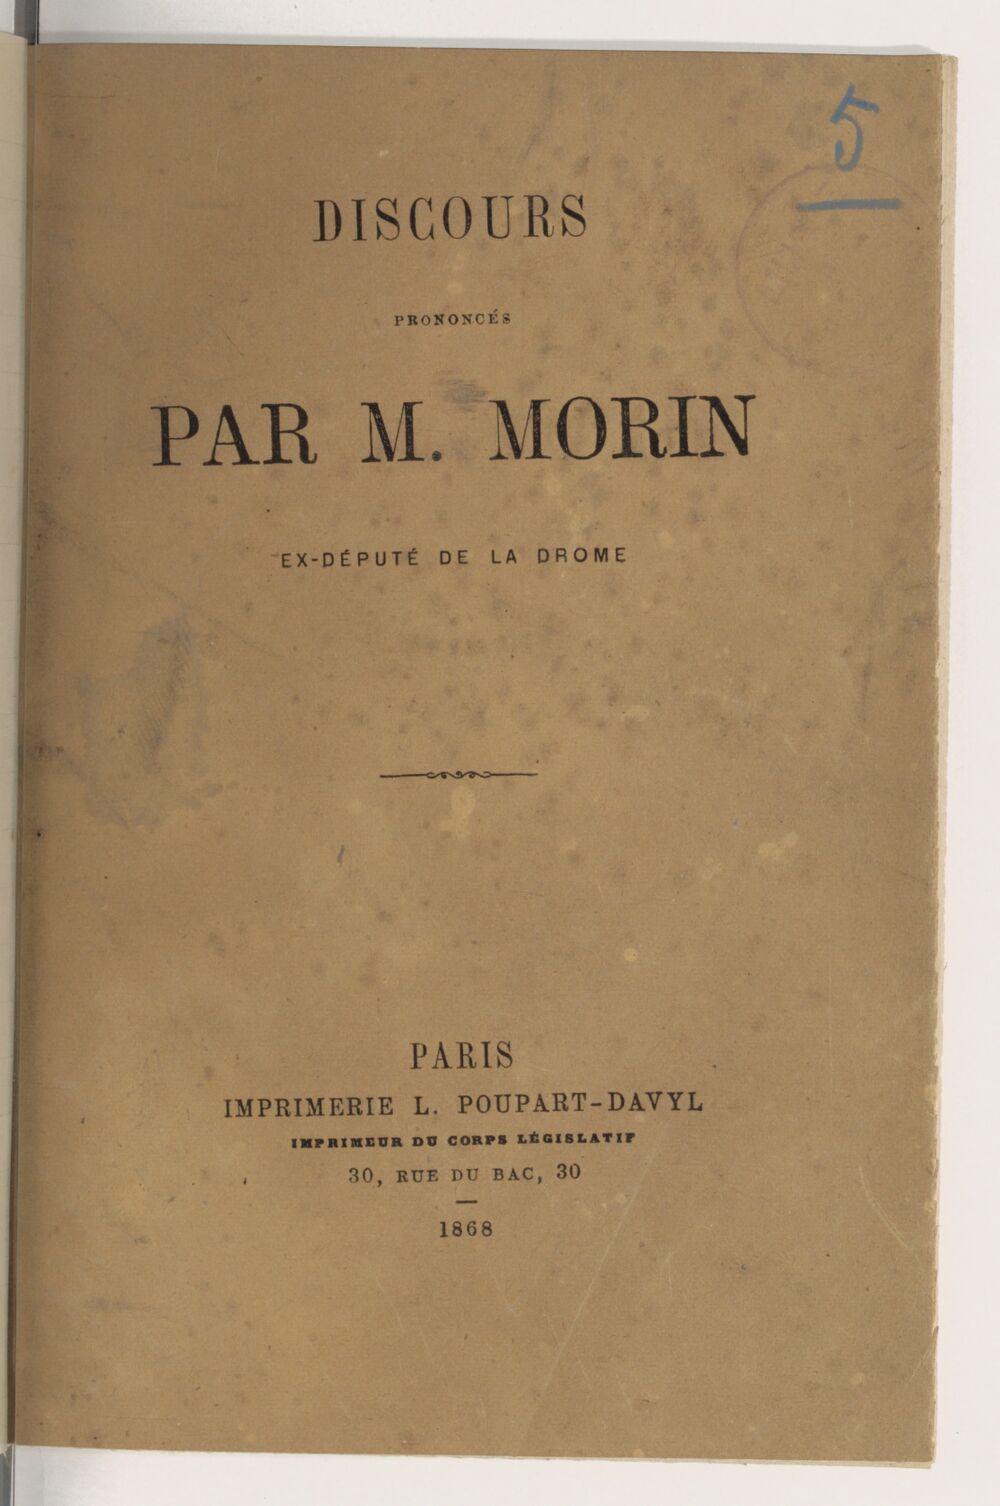 Discours prononcés par M. Morin, député de la Drôme